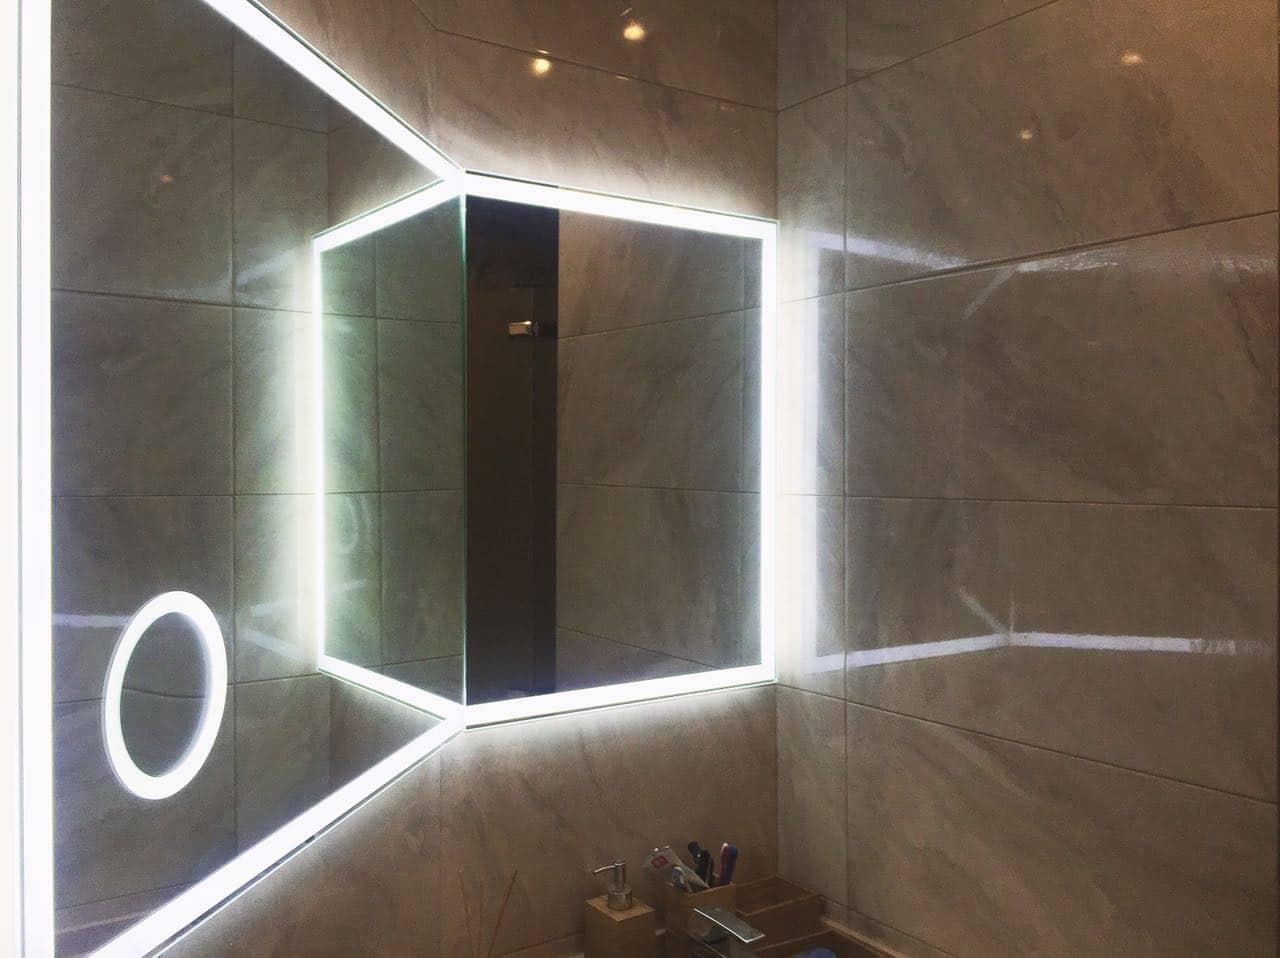 зеркало с подсветкой в ванной комнате